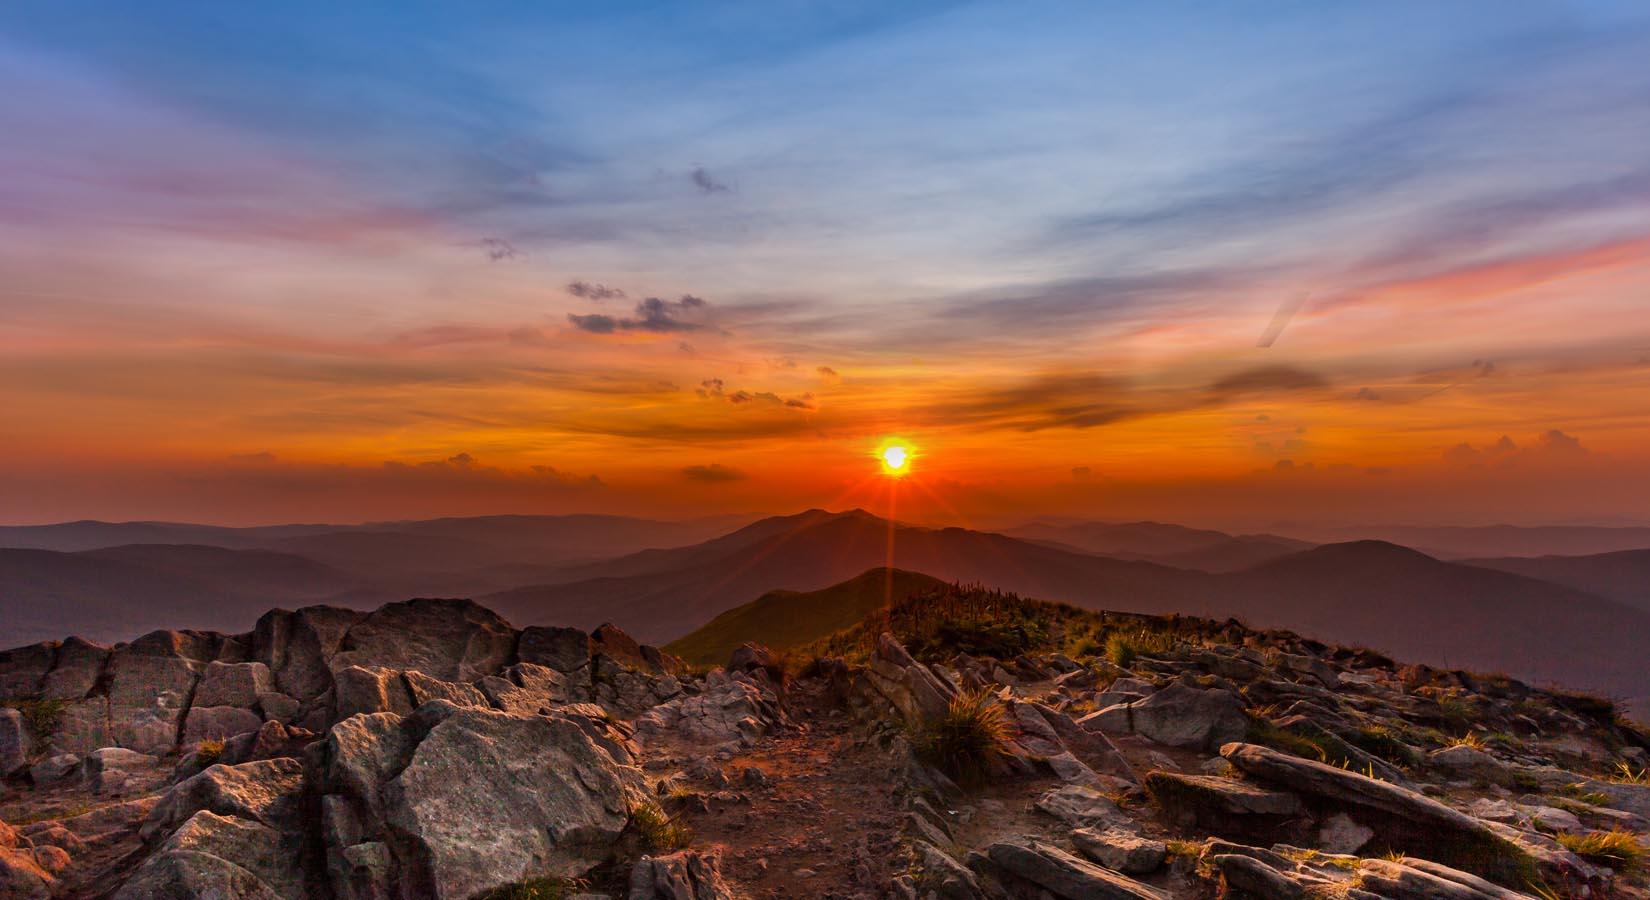 Zdjęcia gór wykonane z powietrza